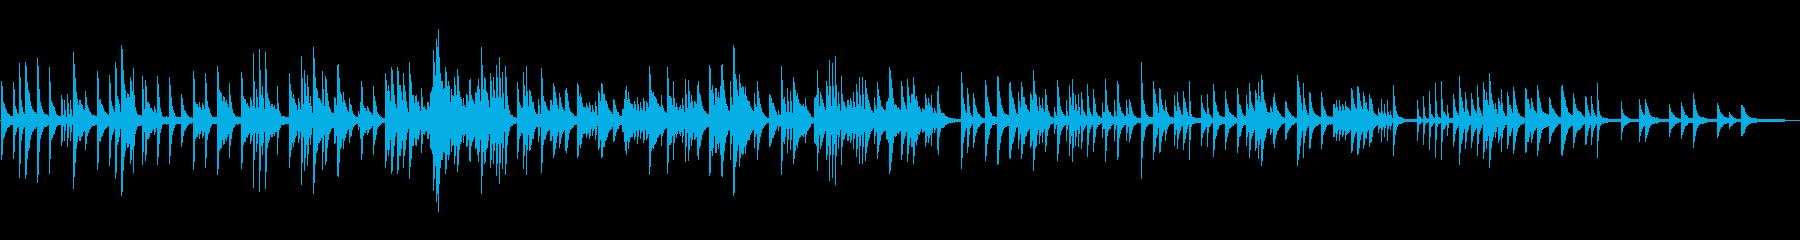 秋を意識したピアノの再生済みの波形